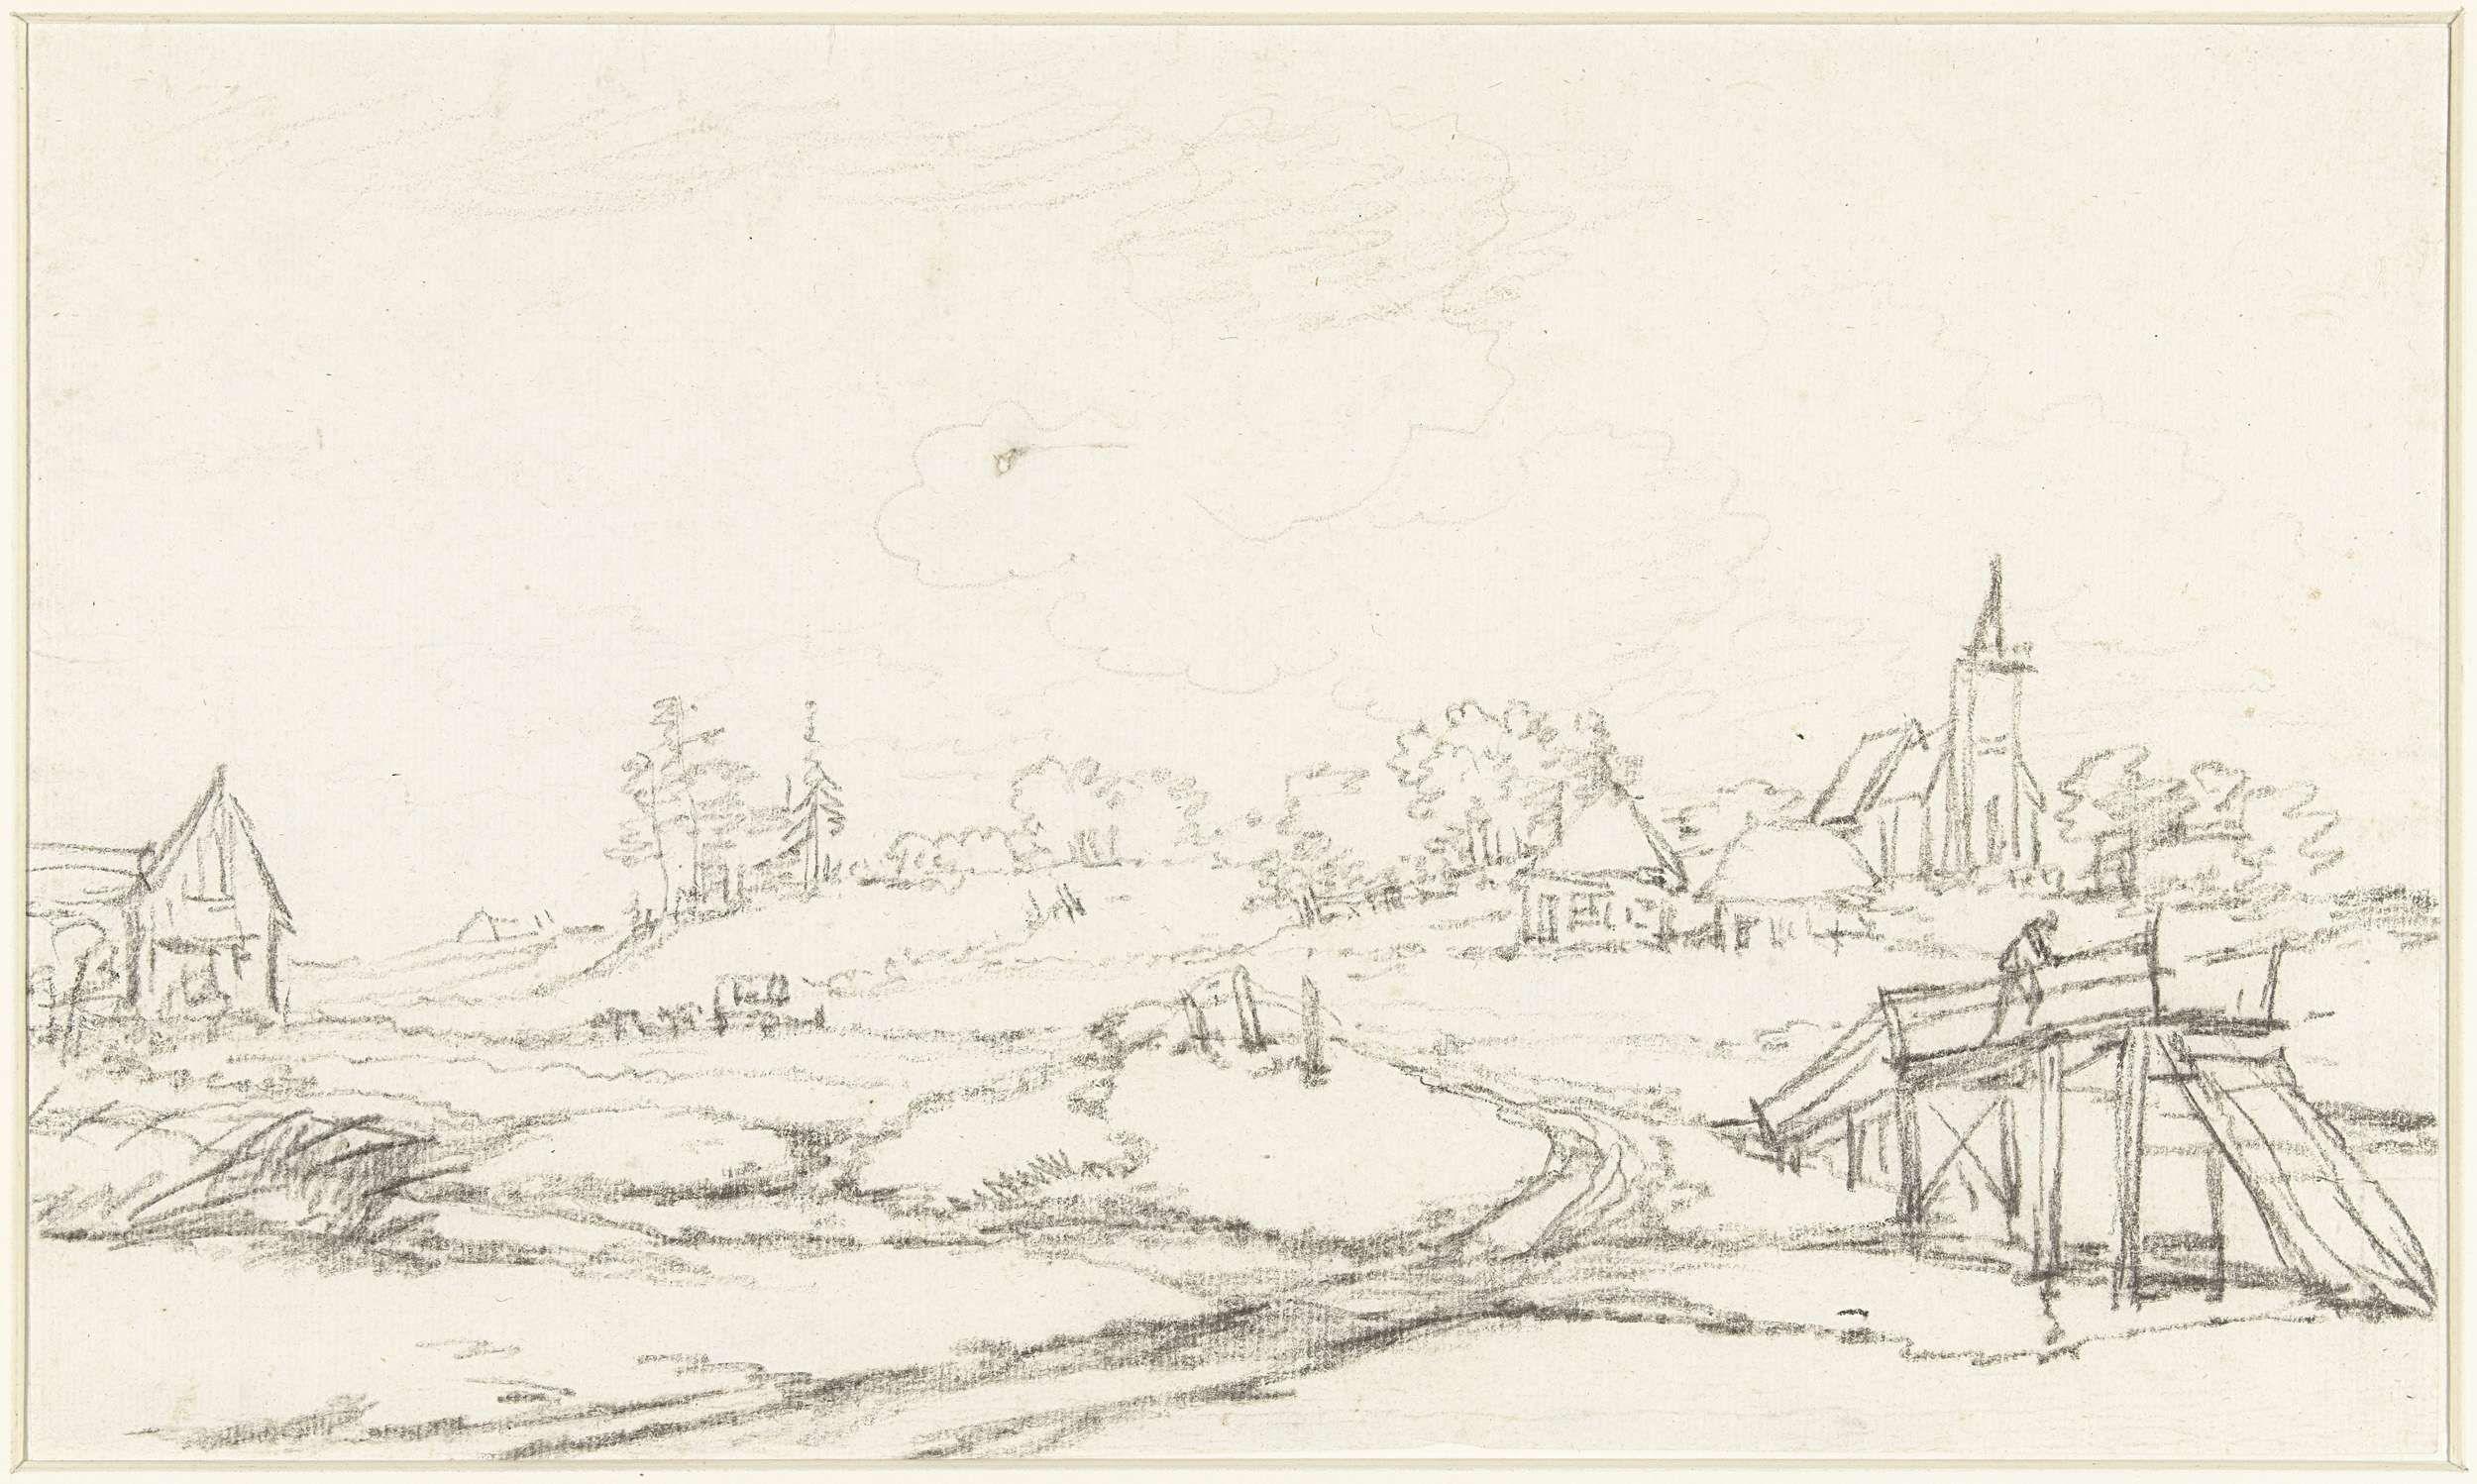 Jan Hulswit | Gezicht op de kerk te Heelsum, Jan Hulswit, 1776 - 1822 | Gezicht op de kerk te Heelsum; op de voorgrond een houten bruggetje.